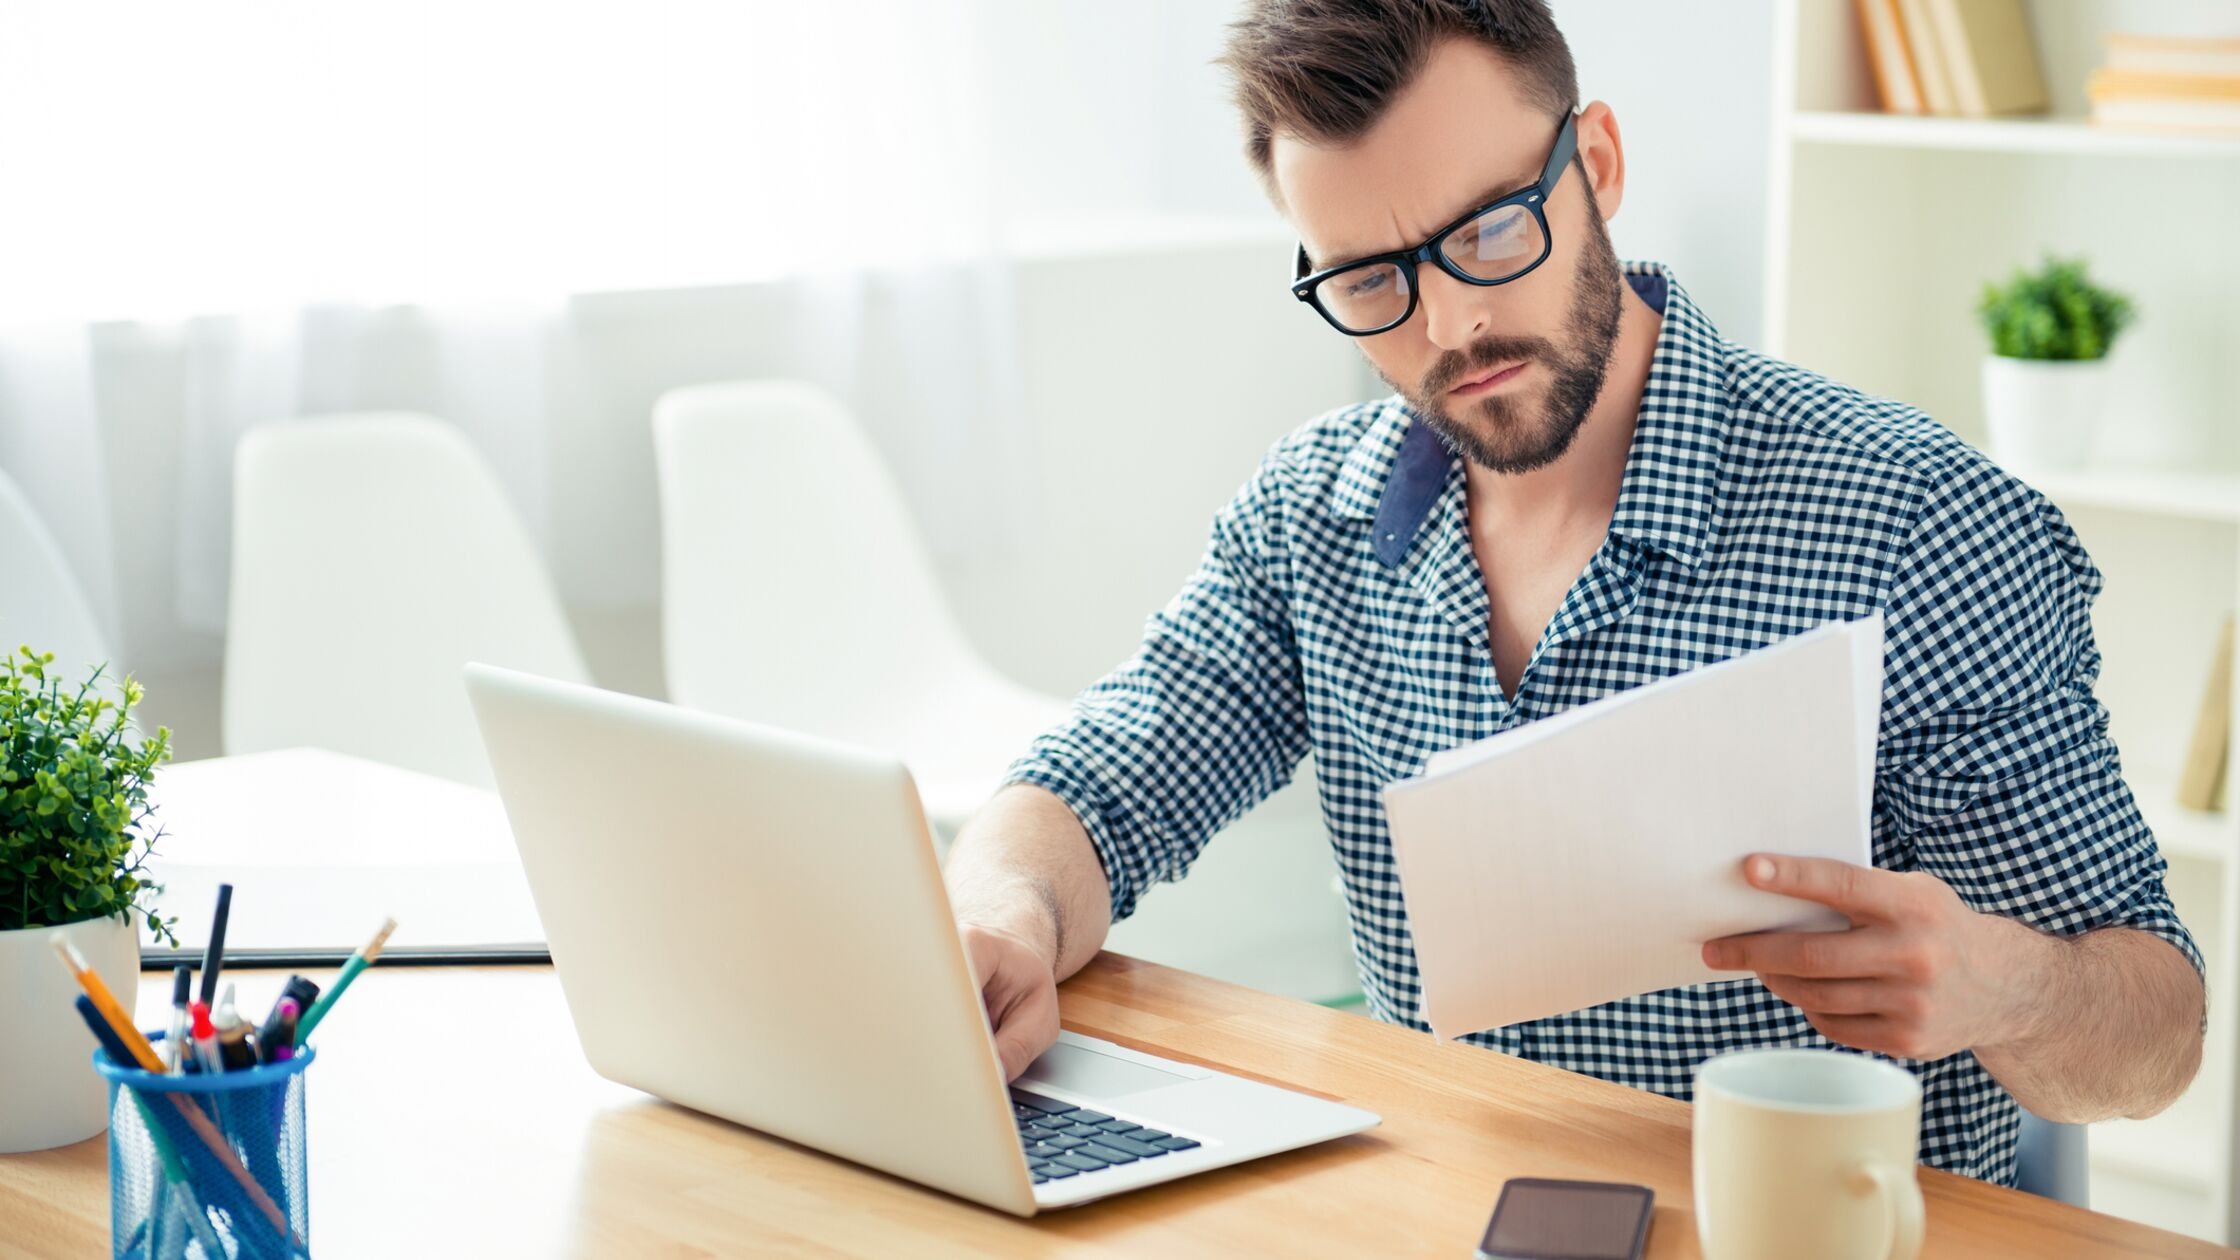 Mann sitzt vor Laptop und liest einen Brief